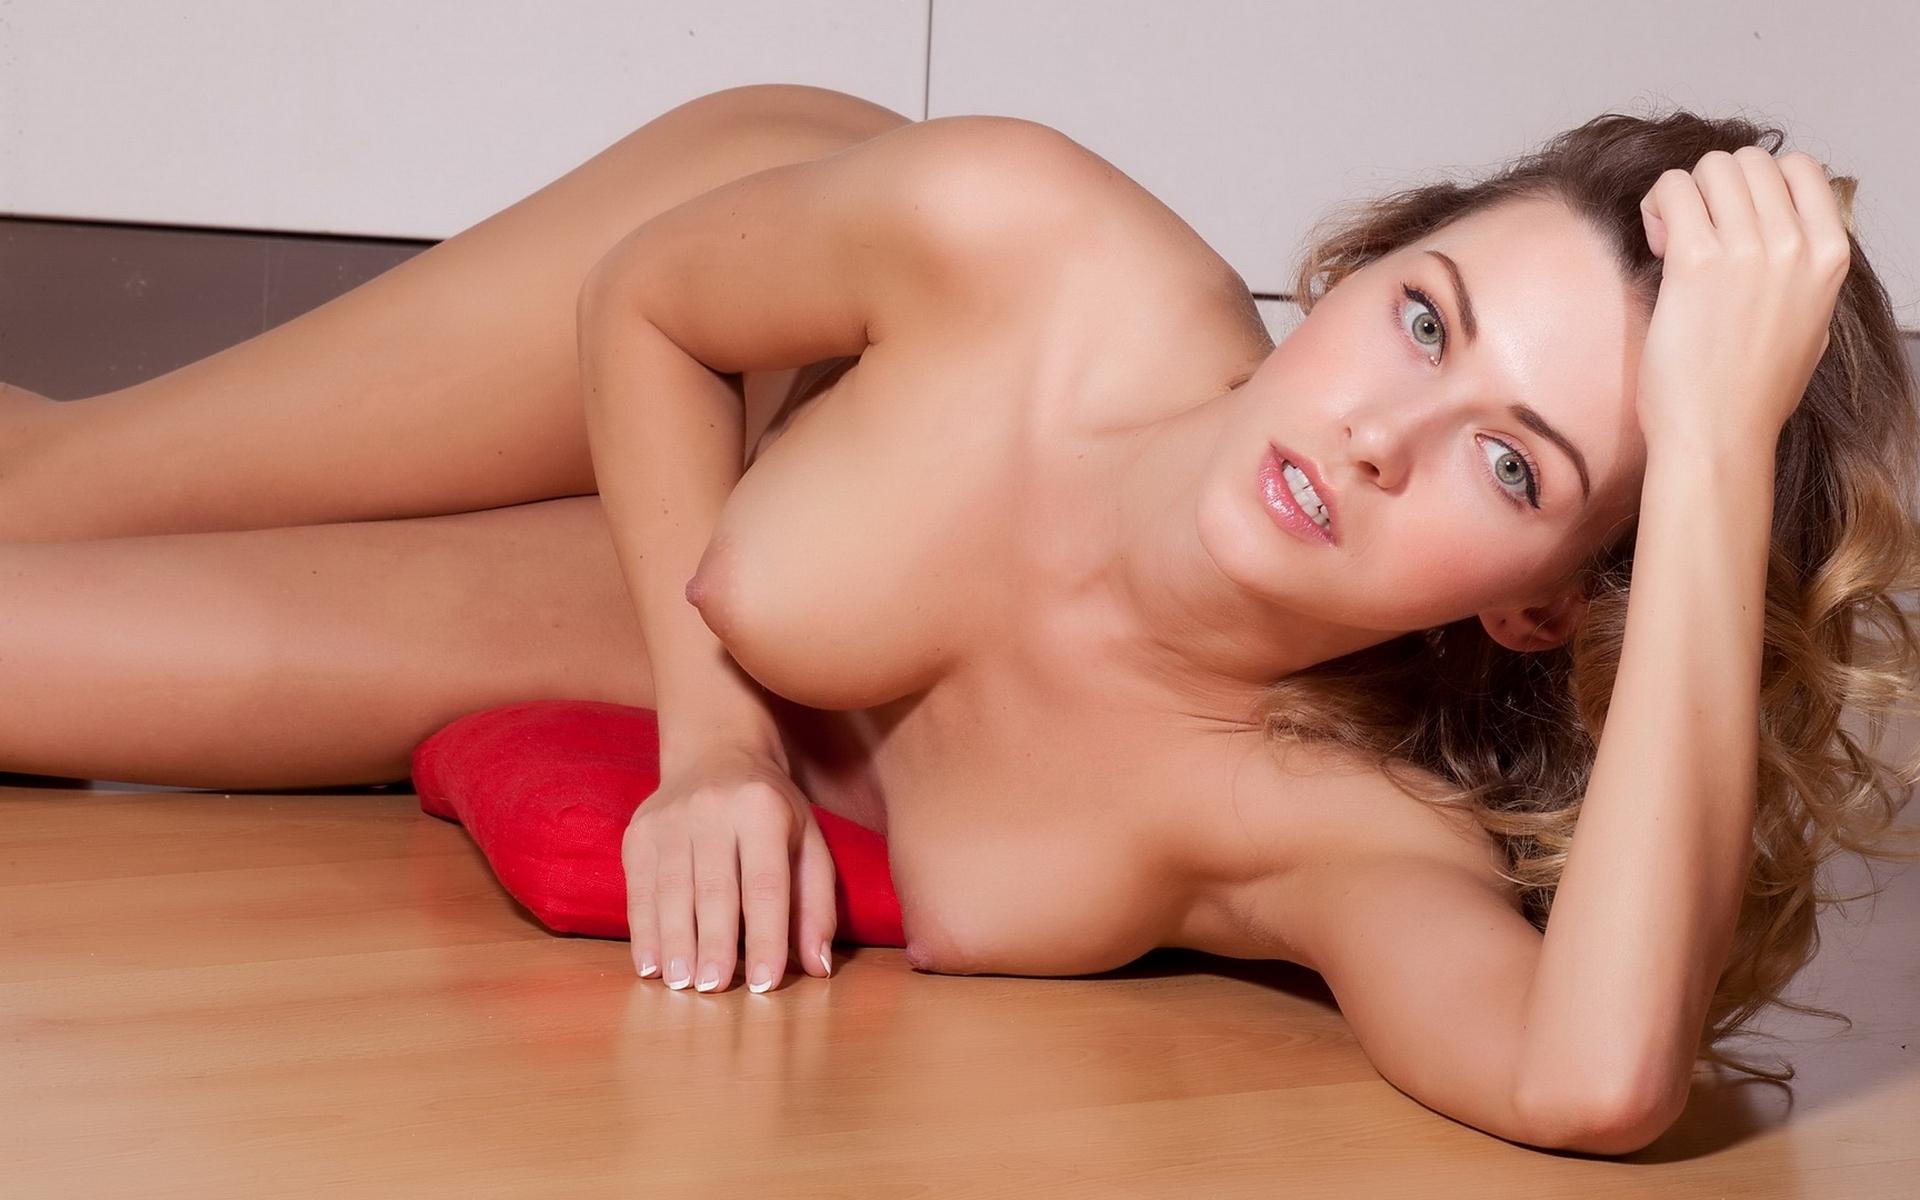 Olga kobzar nude model